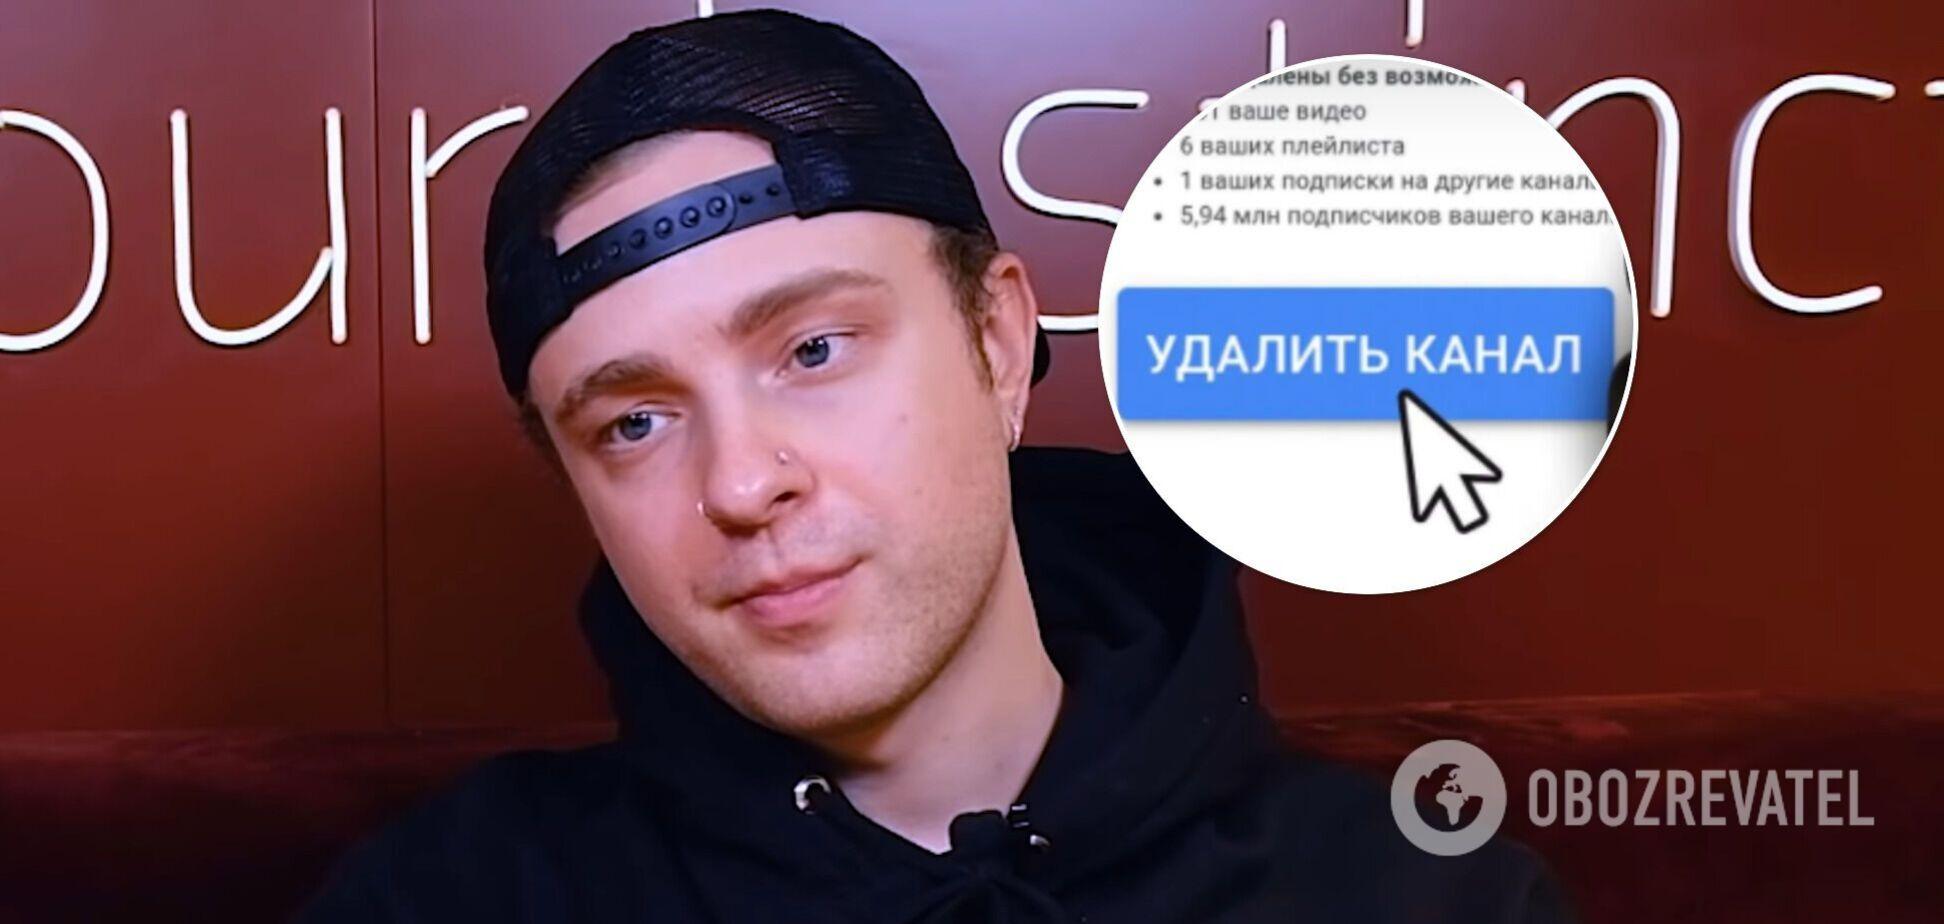 Егор Крид удалит свой канал на YouTube с 6 млн подписчиков – обиделся на алгоритмы